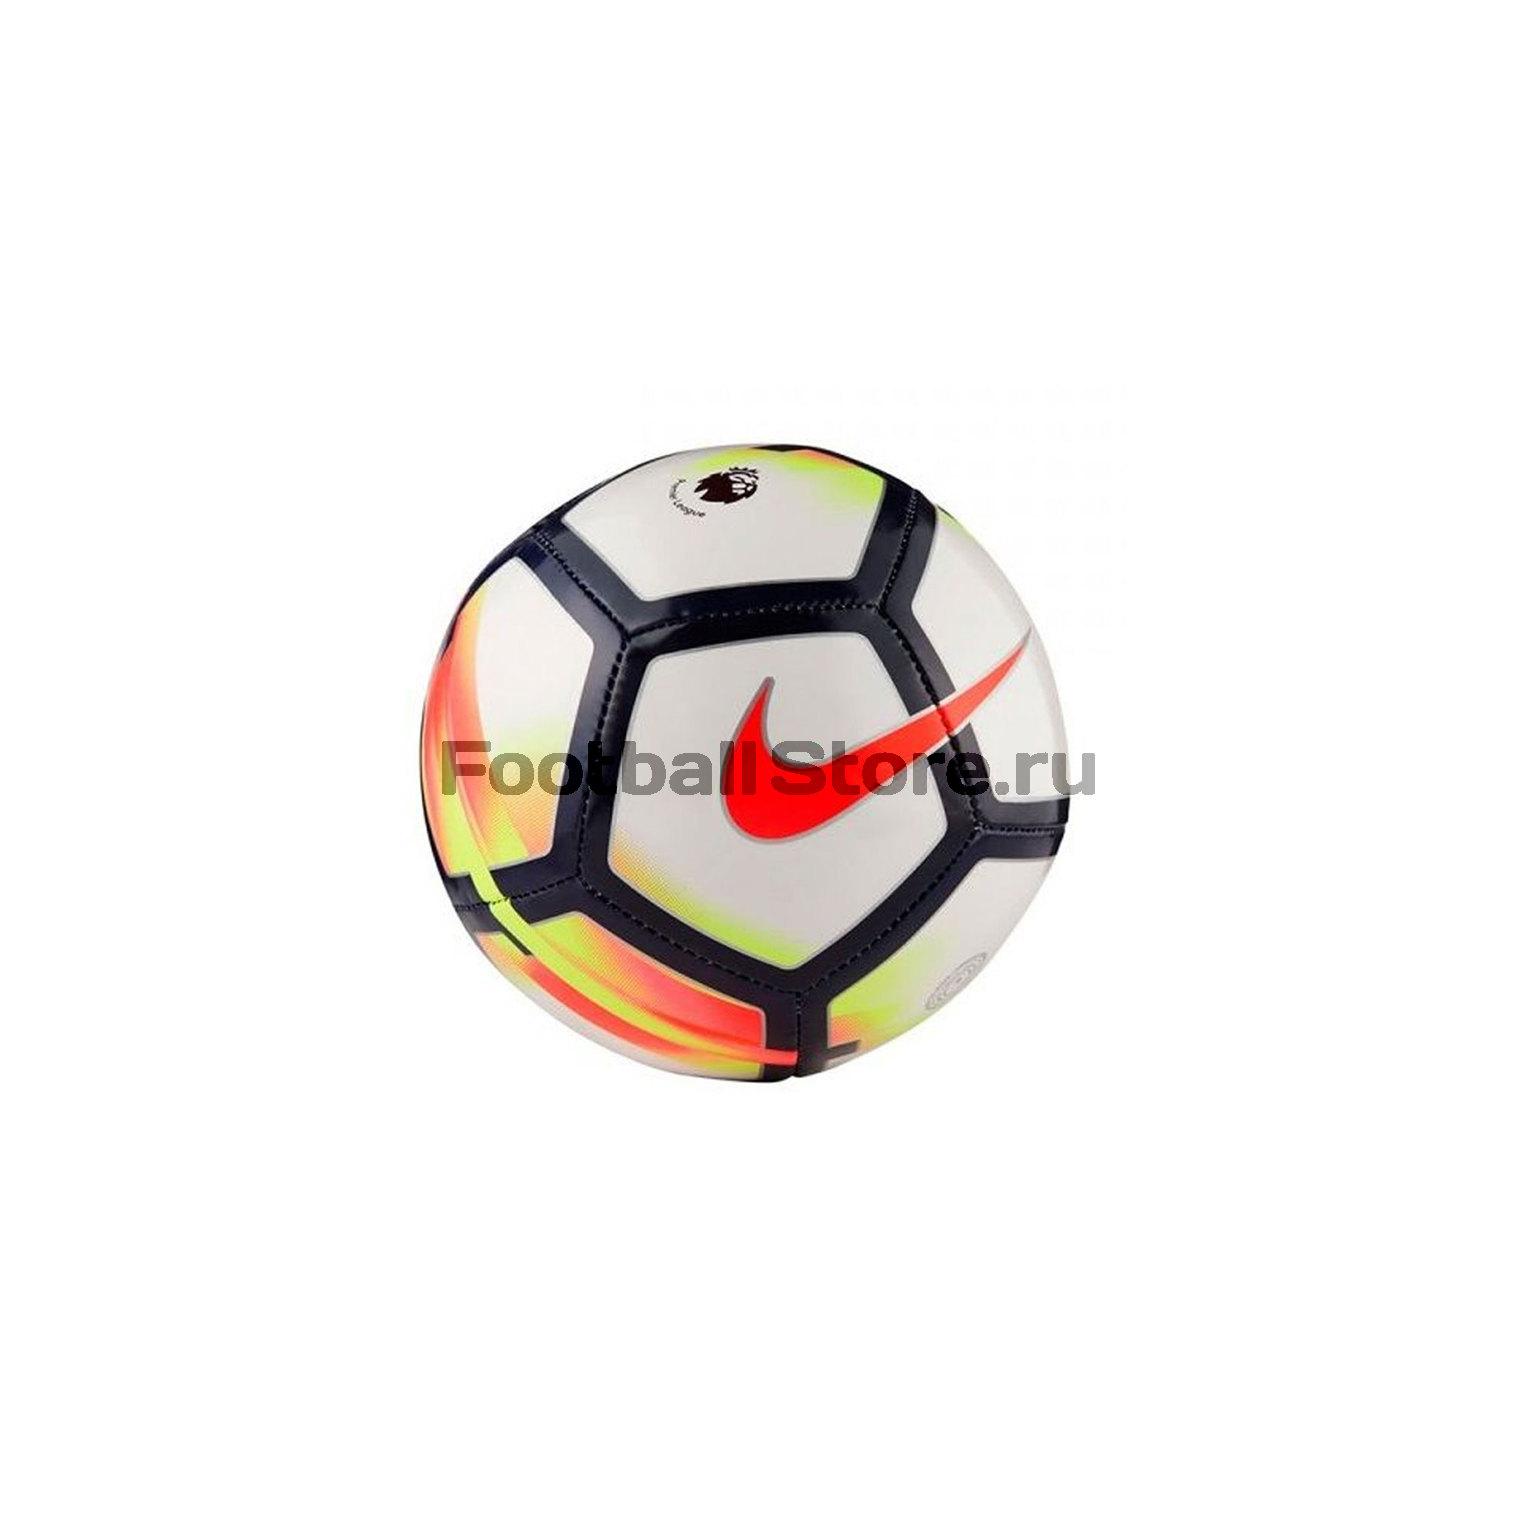 все цены на Футбольный сувенирный мяч Nike Premier League Skills SC3113-100